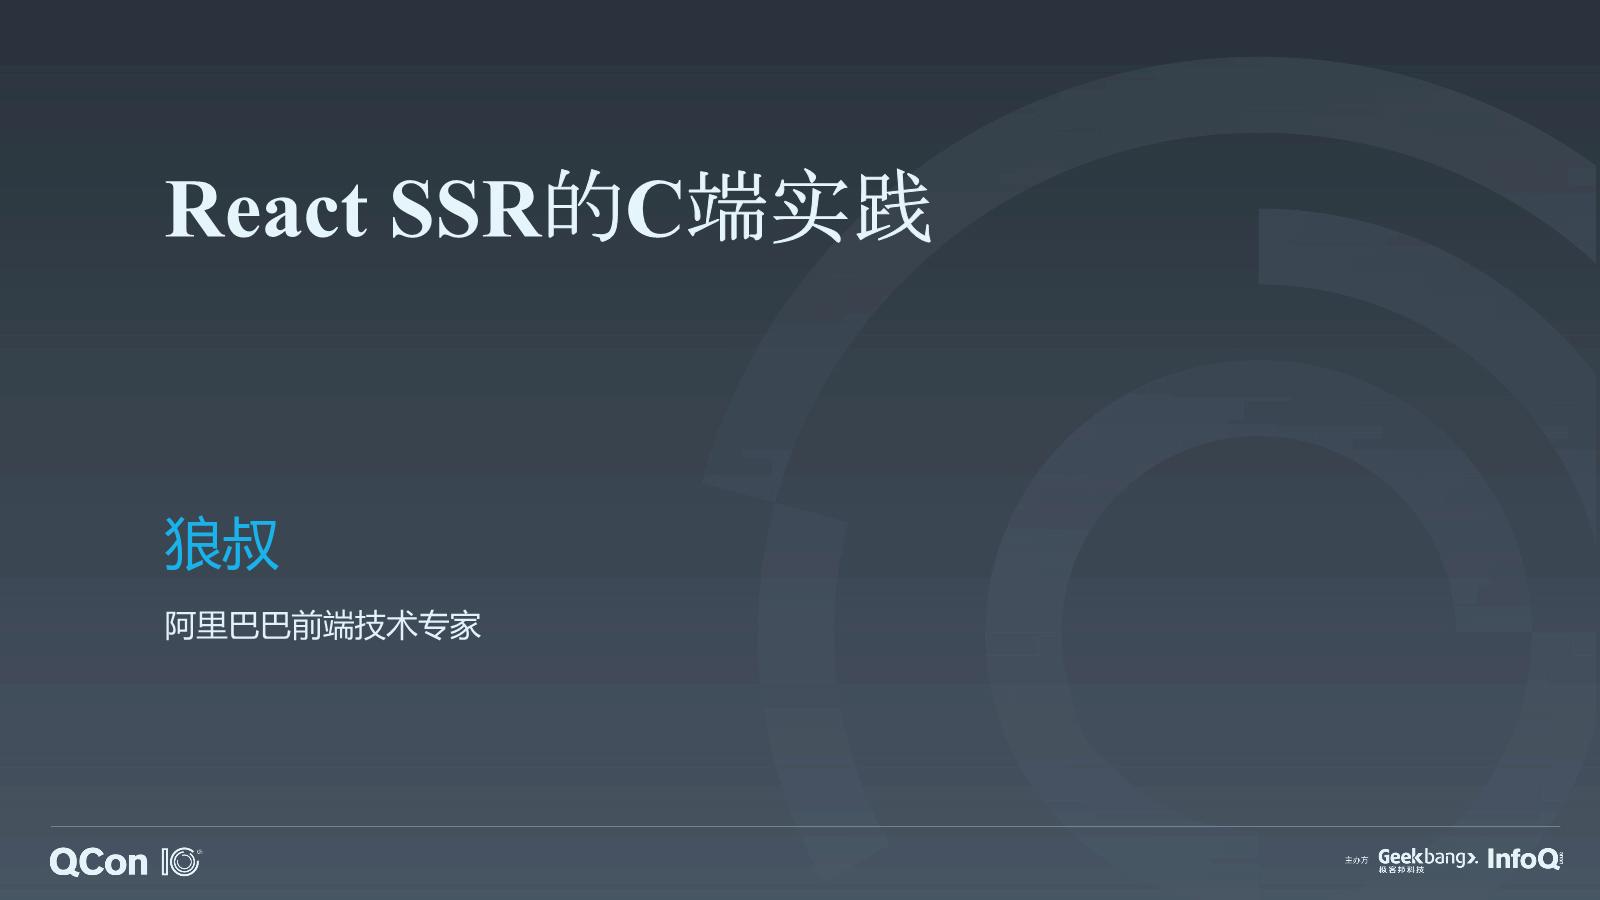 桑世龙-C端服务端渲染SSR和性能优化实践